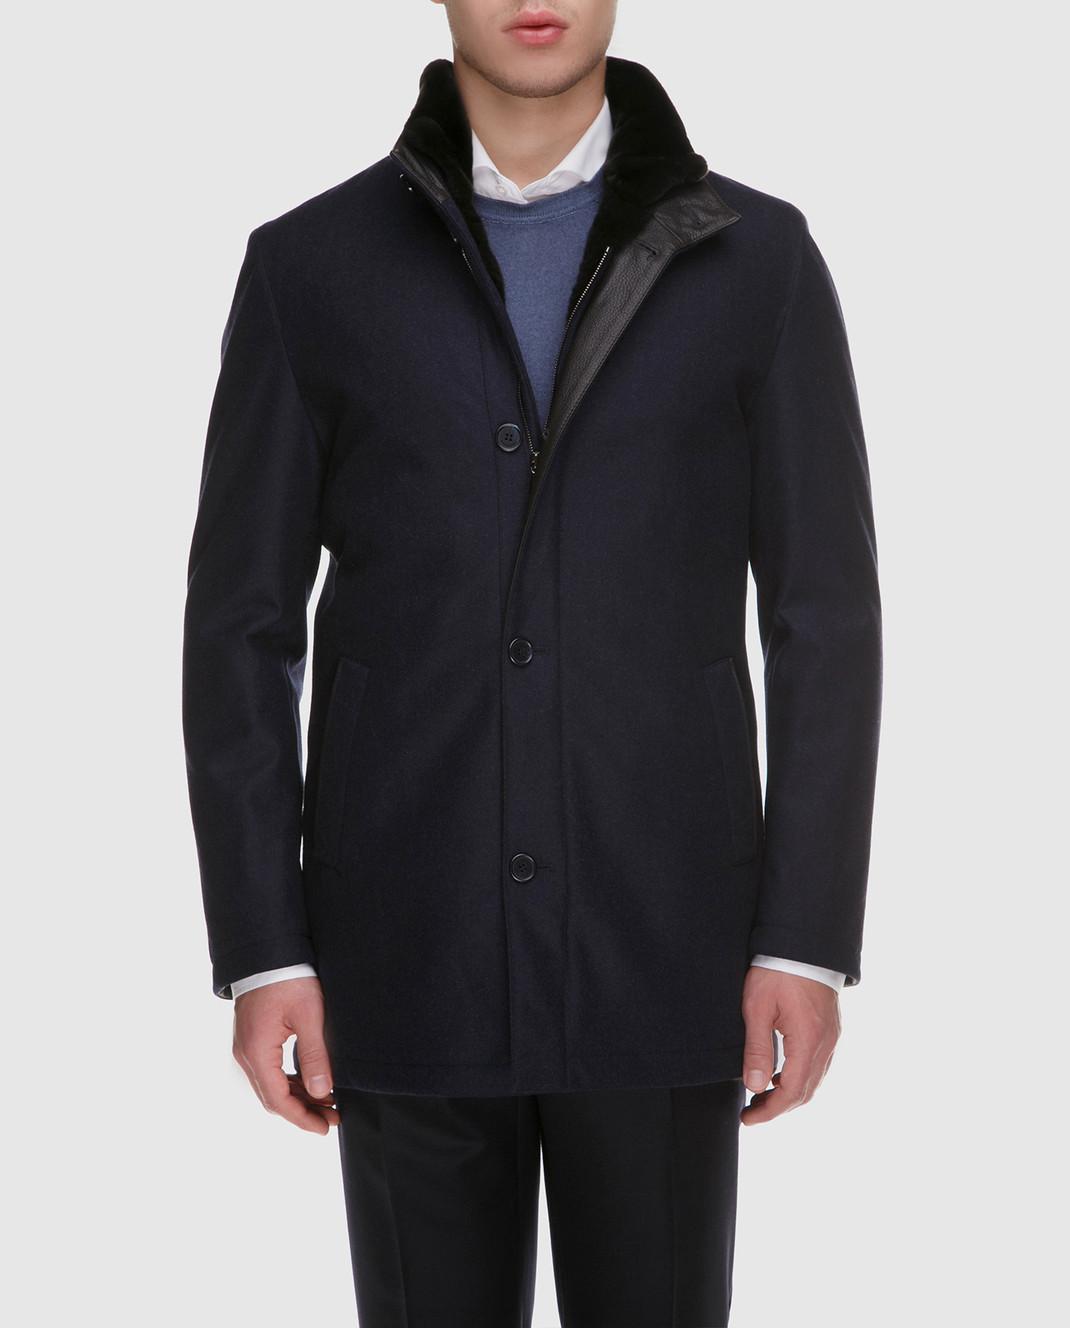 Enrico Mandelli Синяя куртка из шерсти и кашемира на подкладке из меха нутрии A6T762 изображение 3